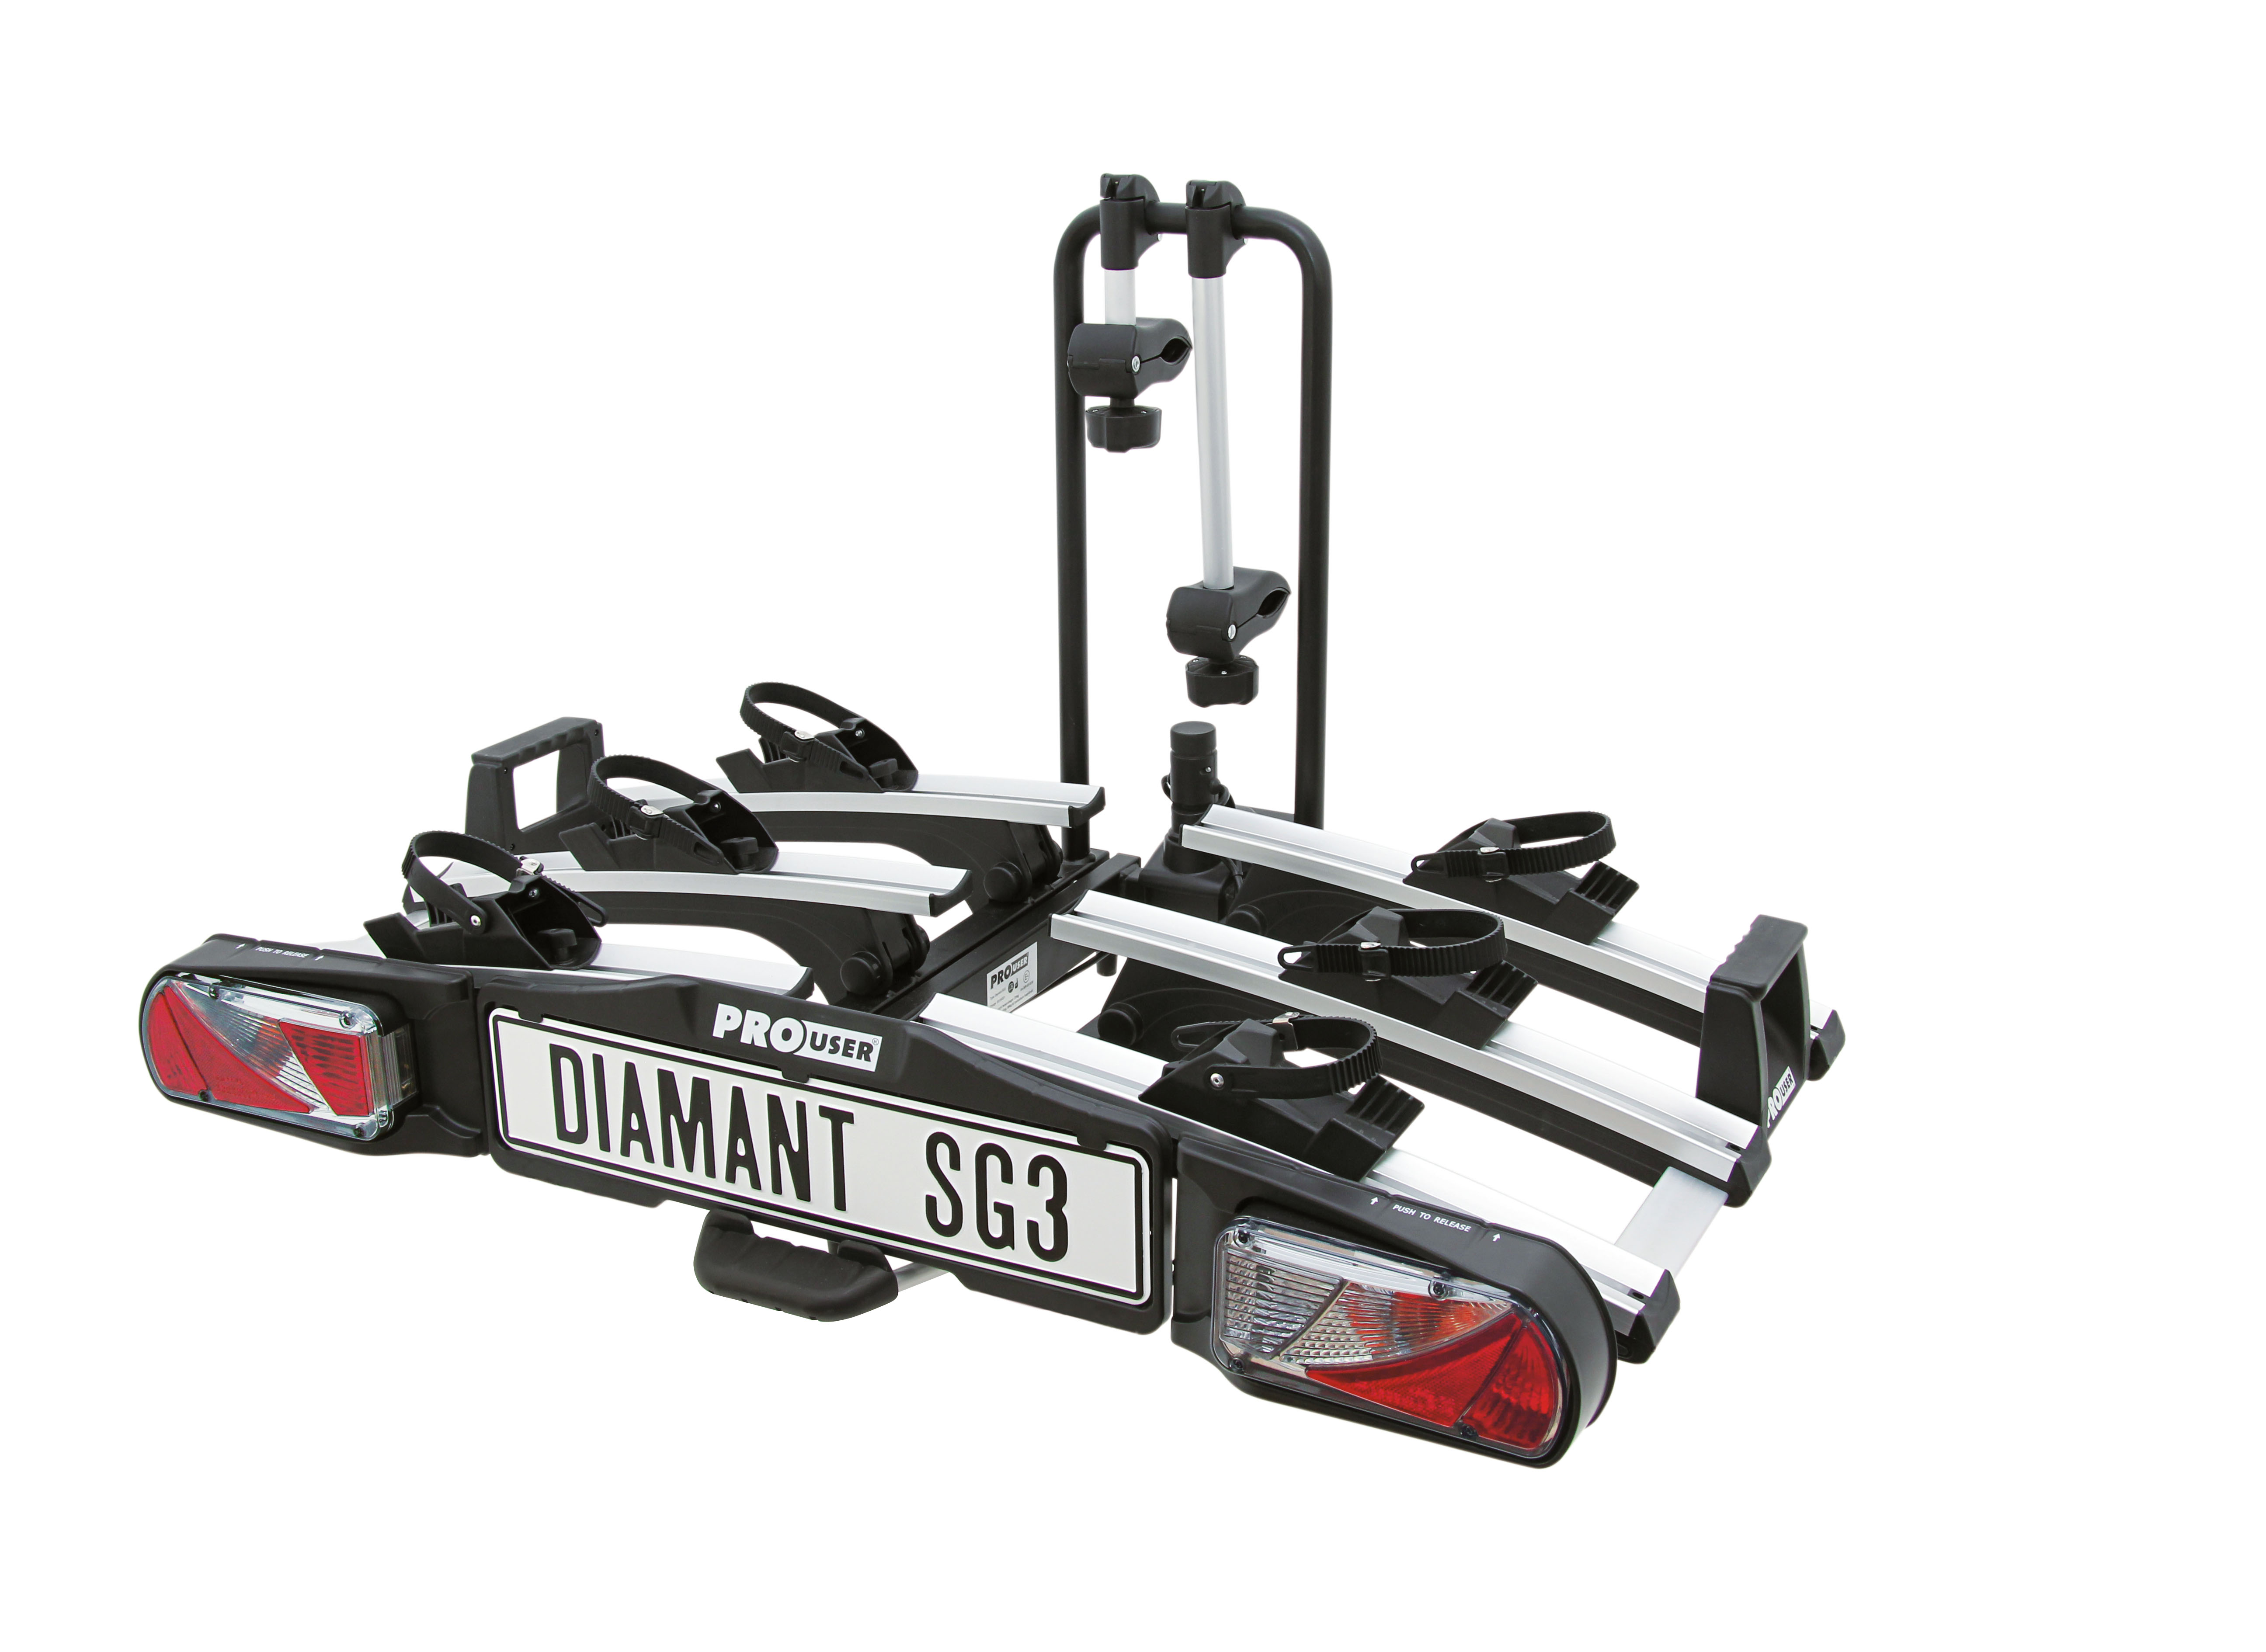 Pro-User Diamant SG3 kerékpárszállító vonóhorogra